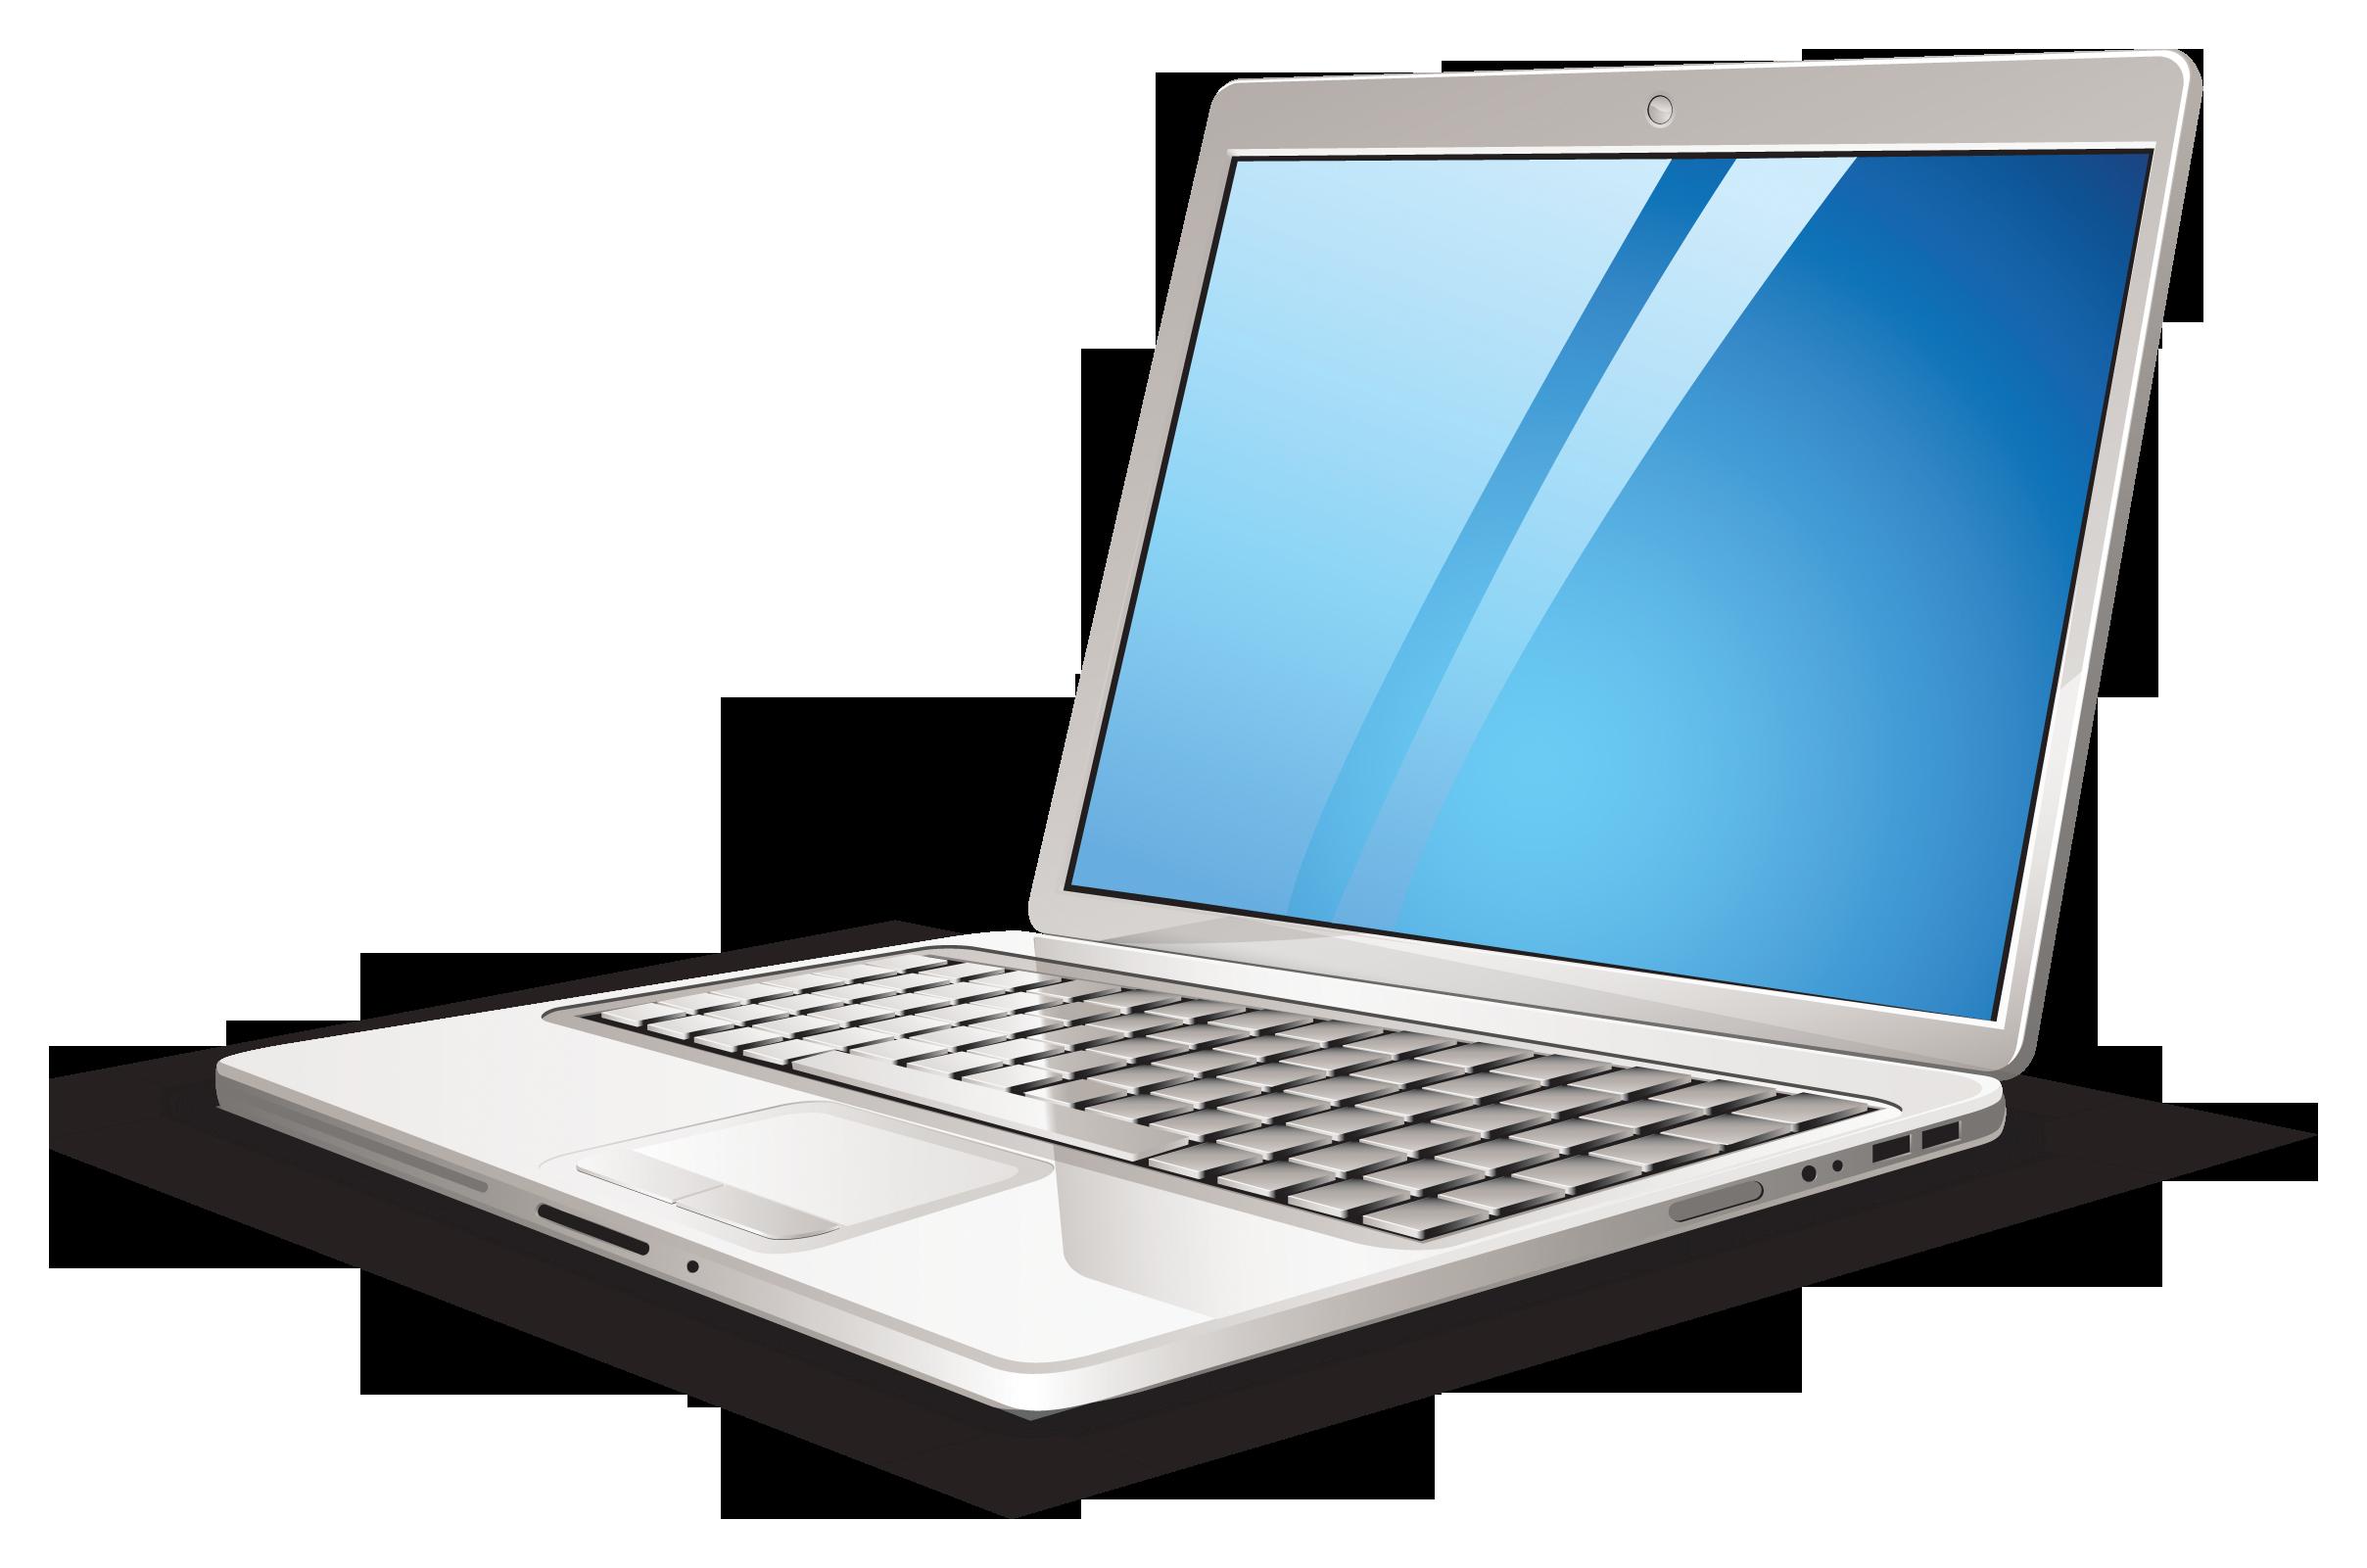 Laptop PNG Transparent Images.